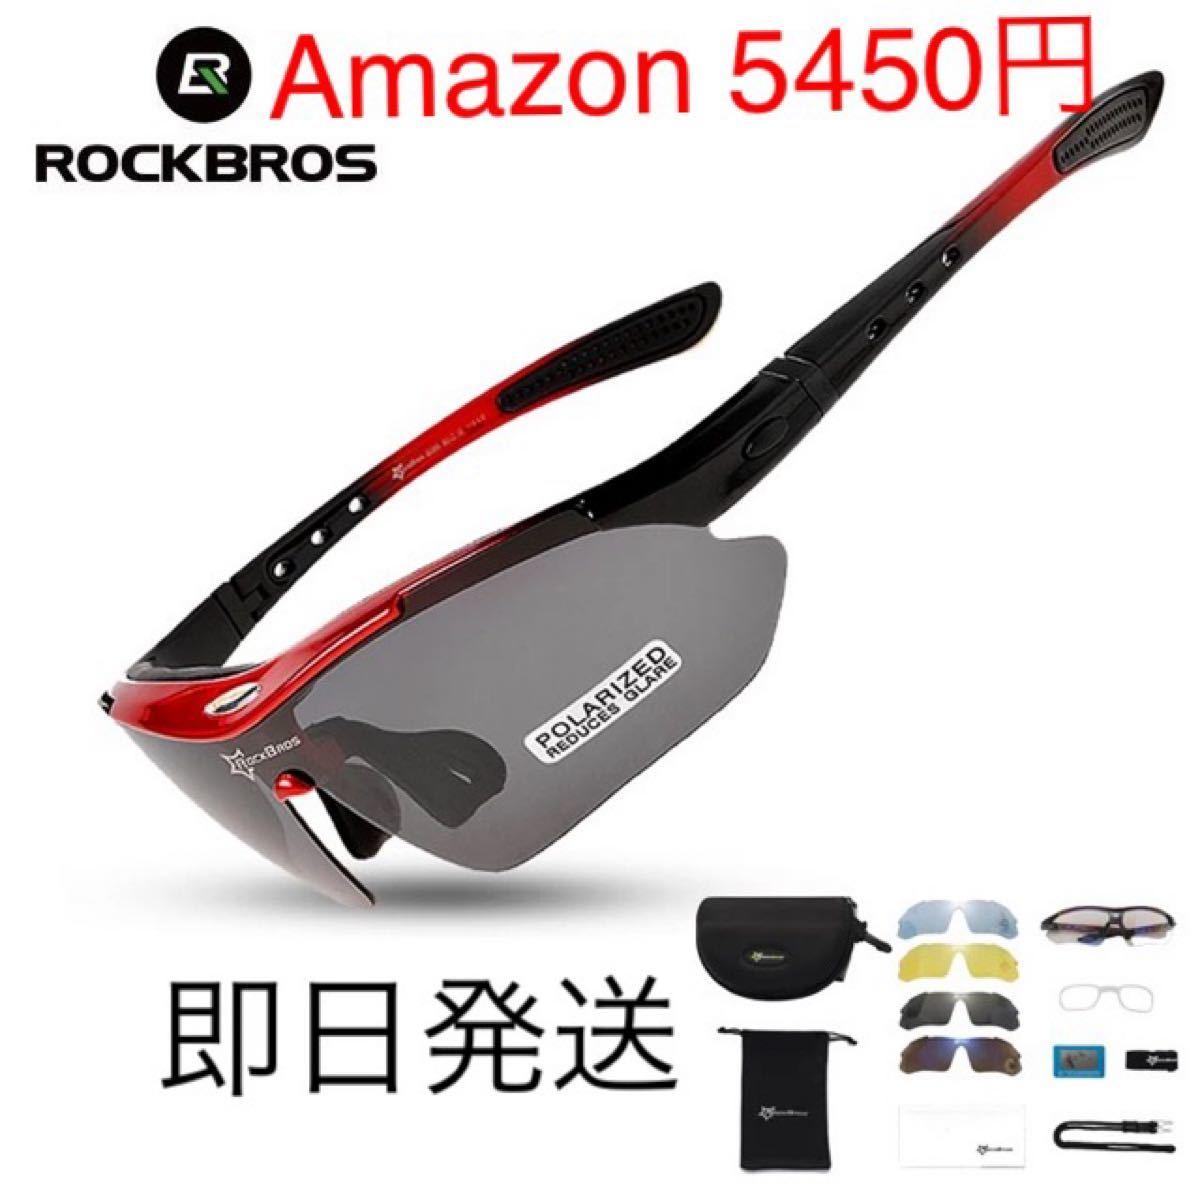 スポーツサングラス 偏光レンズ 交換レンズ 超軽量 ロックブロス 赤色